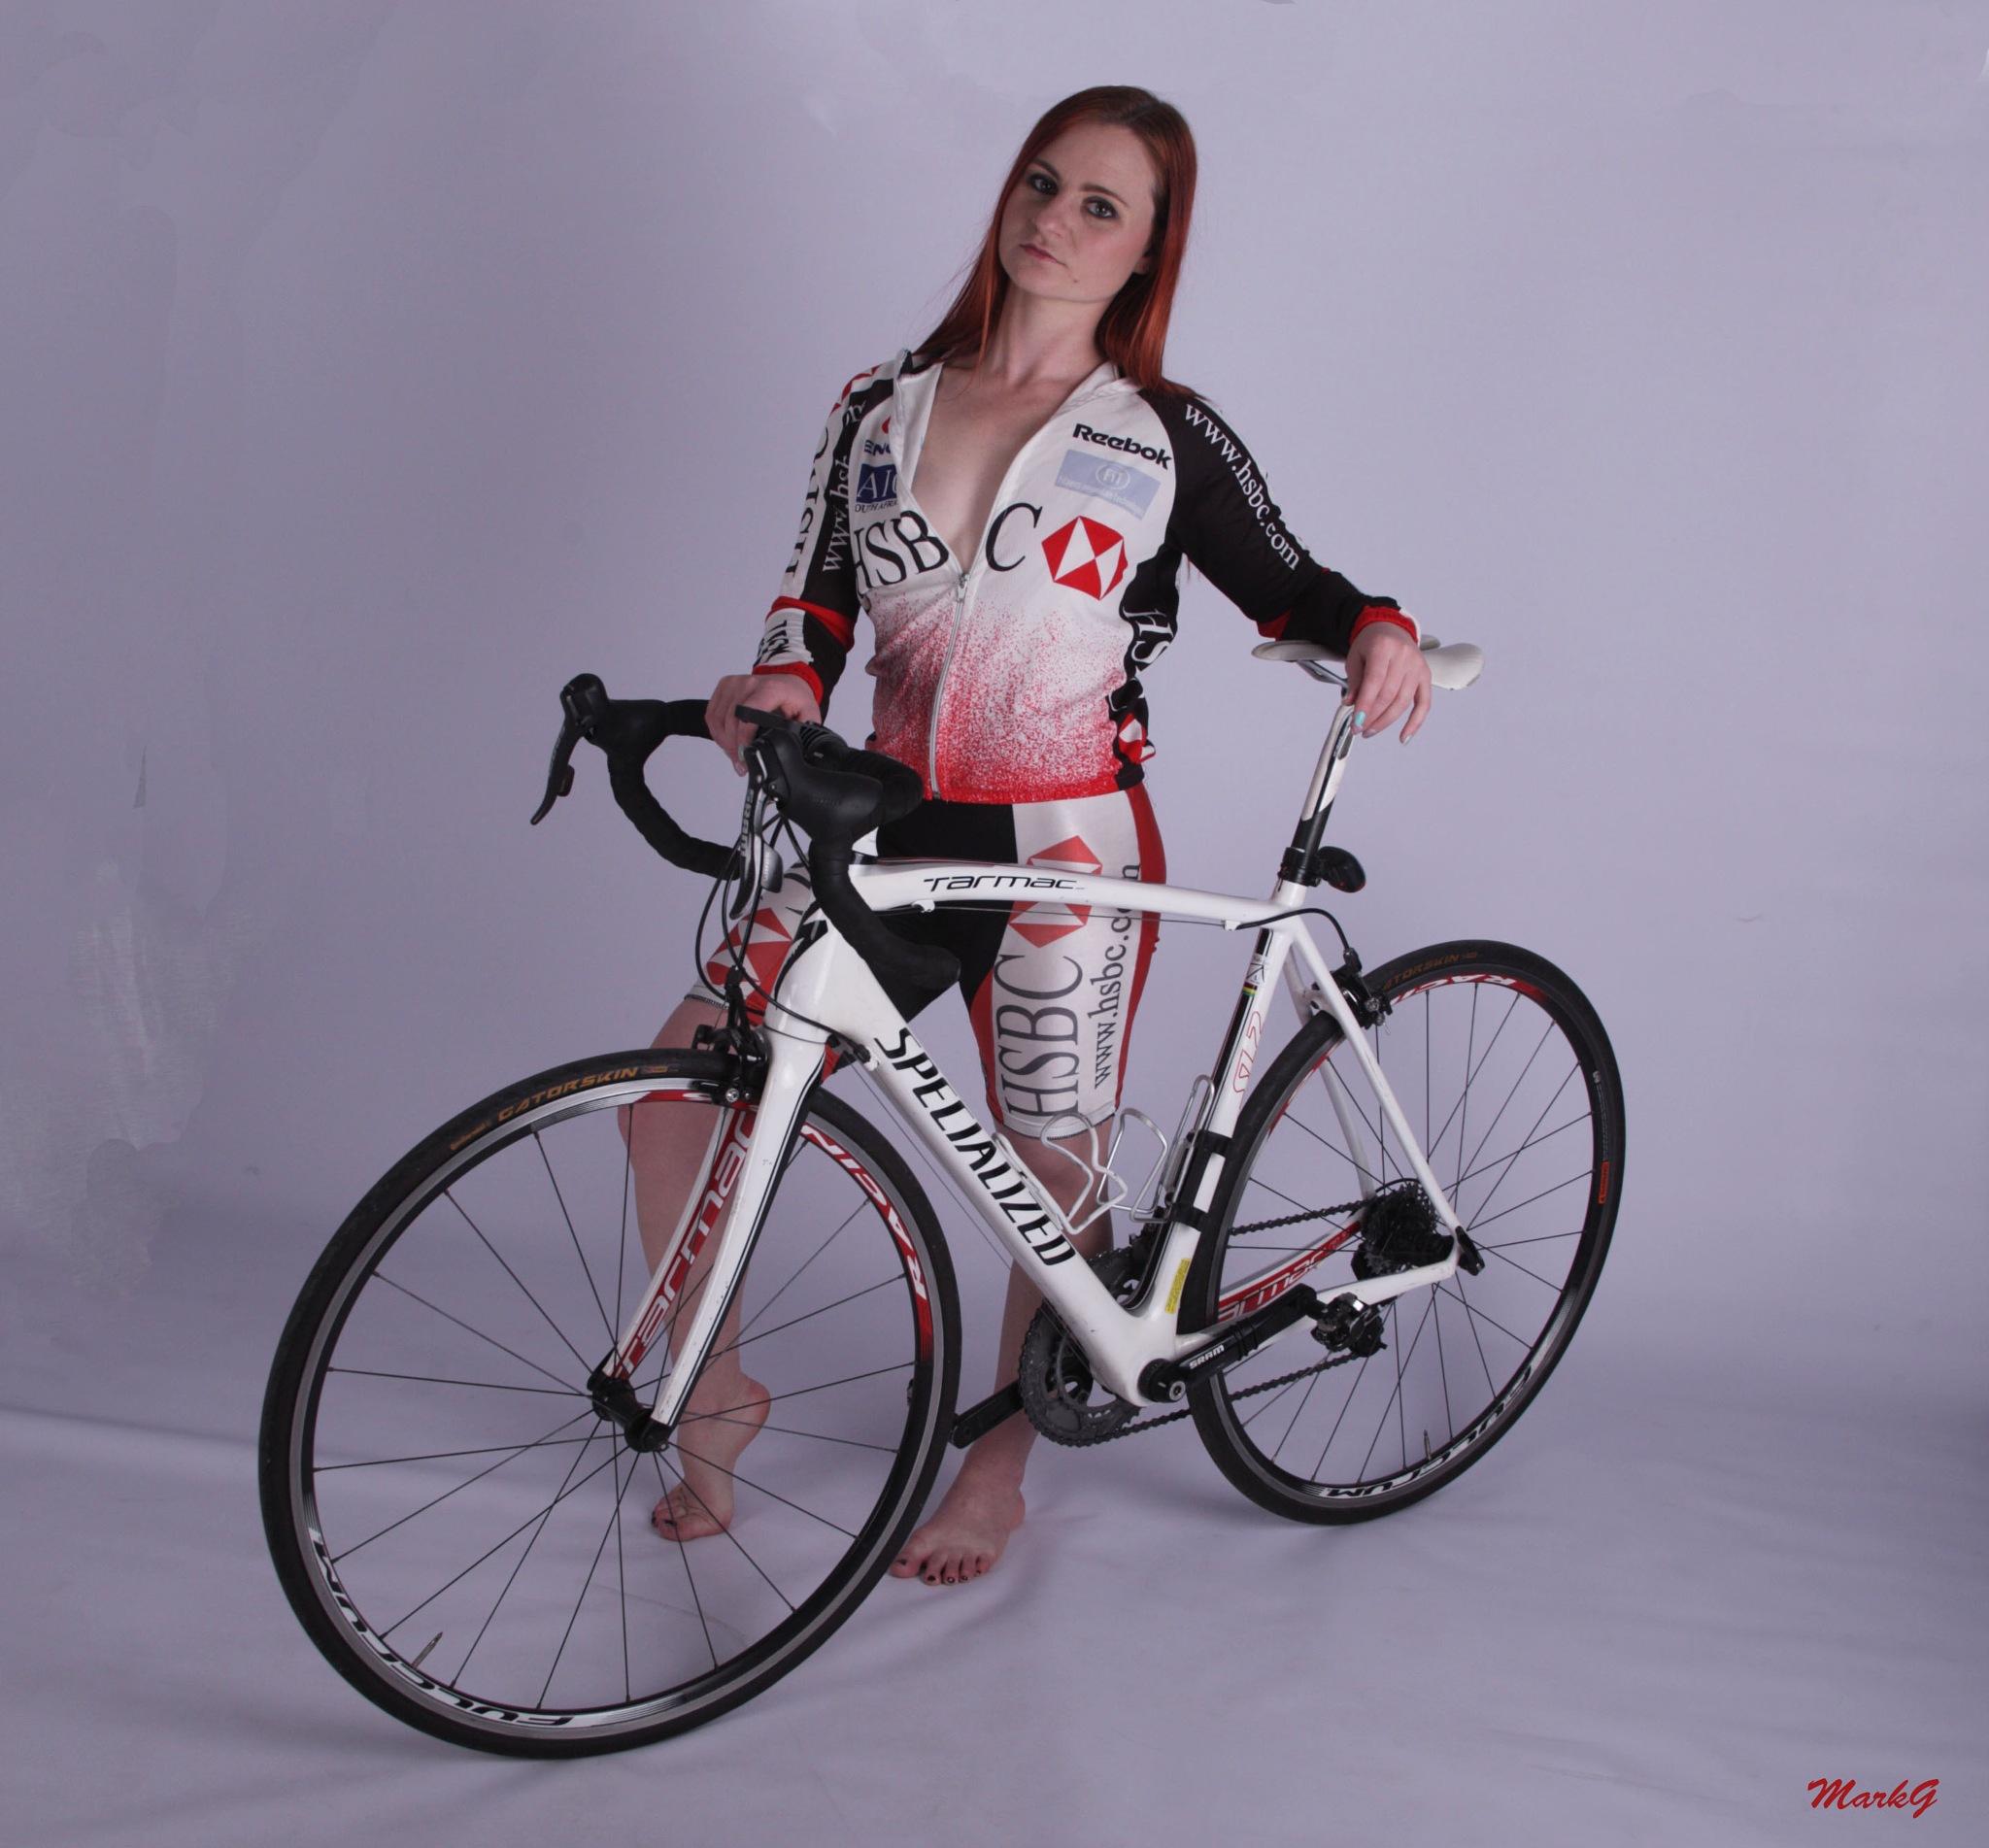 My bike by Mark Greenslade